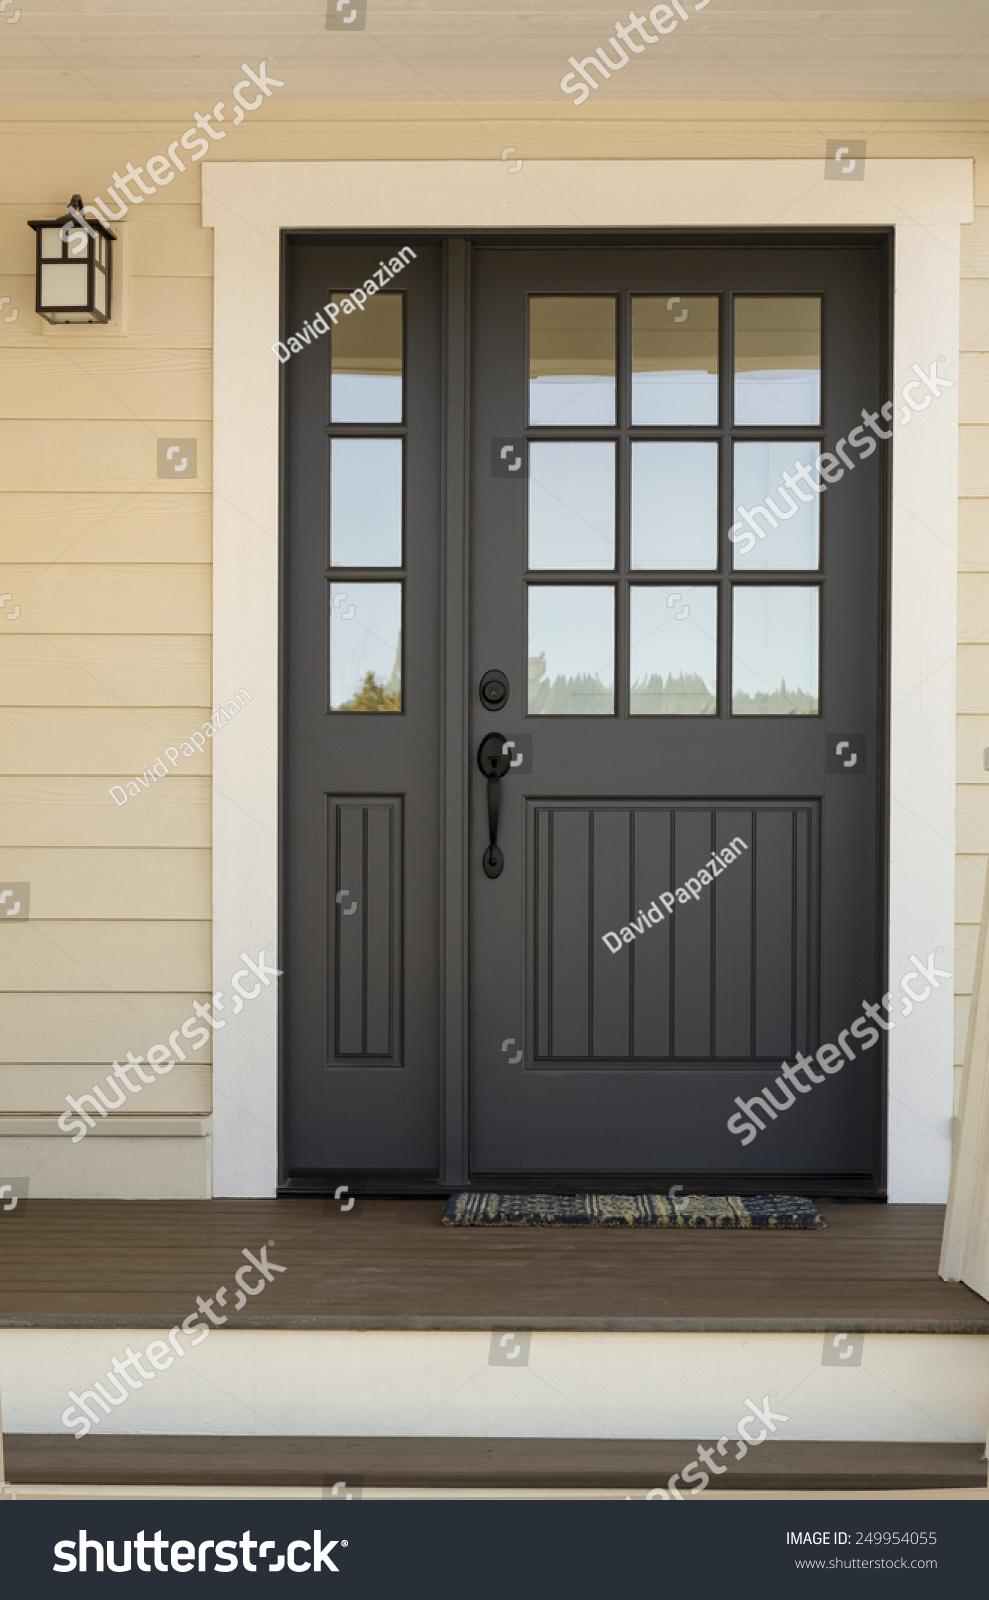 Yellow House Black Door black front door - pueblosinfronteras